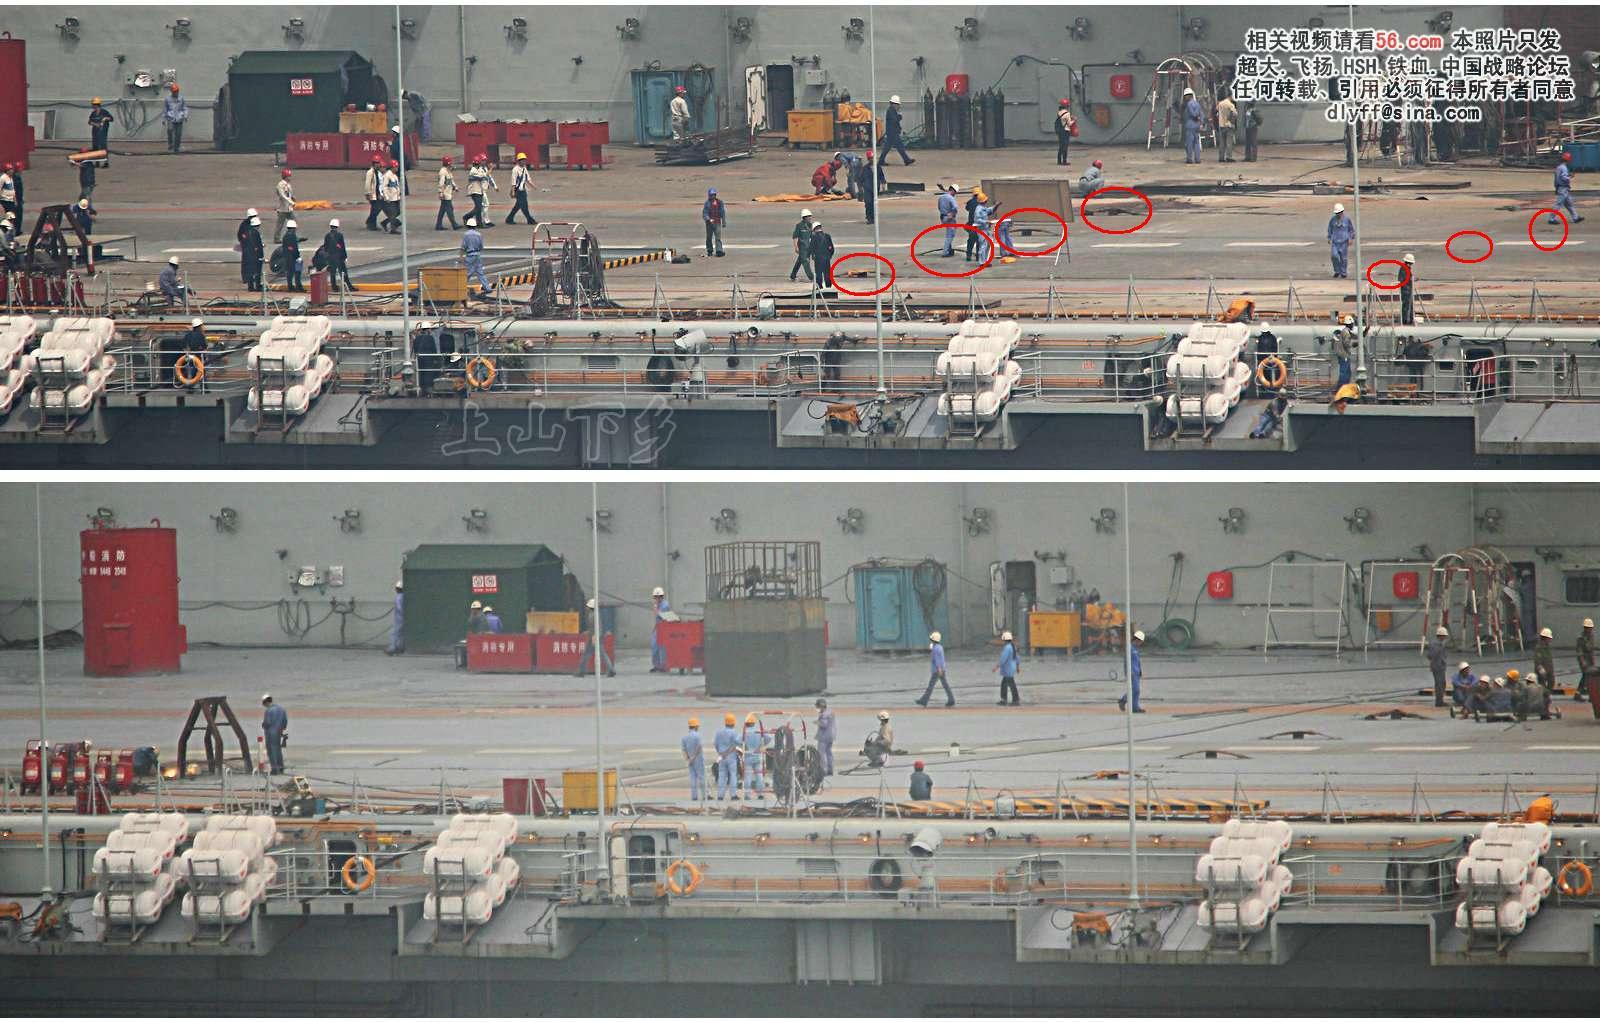 Фото китайского авианосца Shi Lang (экс-«Варяг»), где видно что-то похожее на элементы аэрофинишера. Источник: Chinese Military Review.